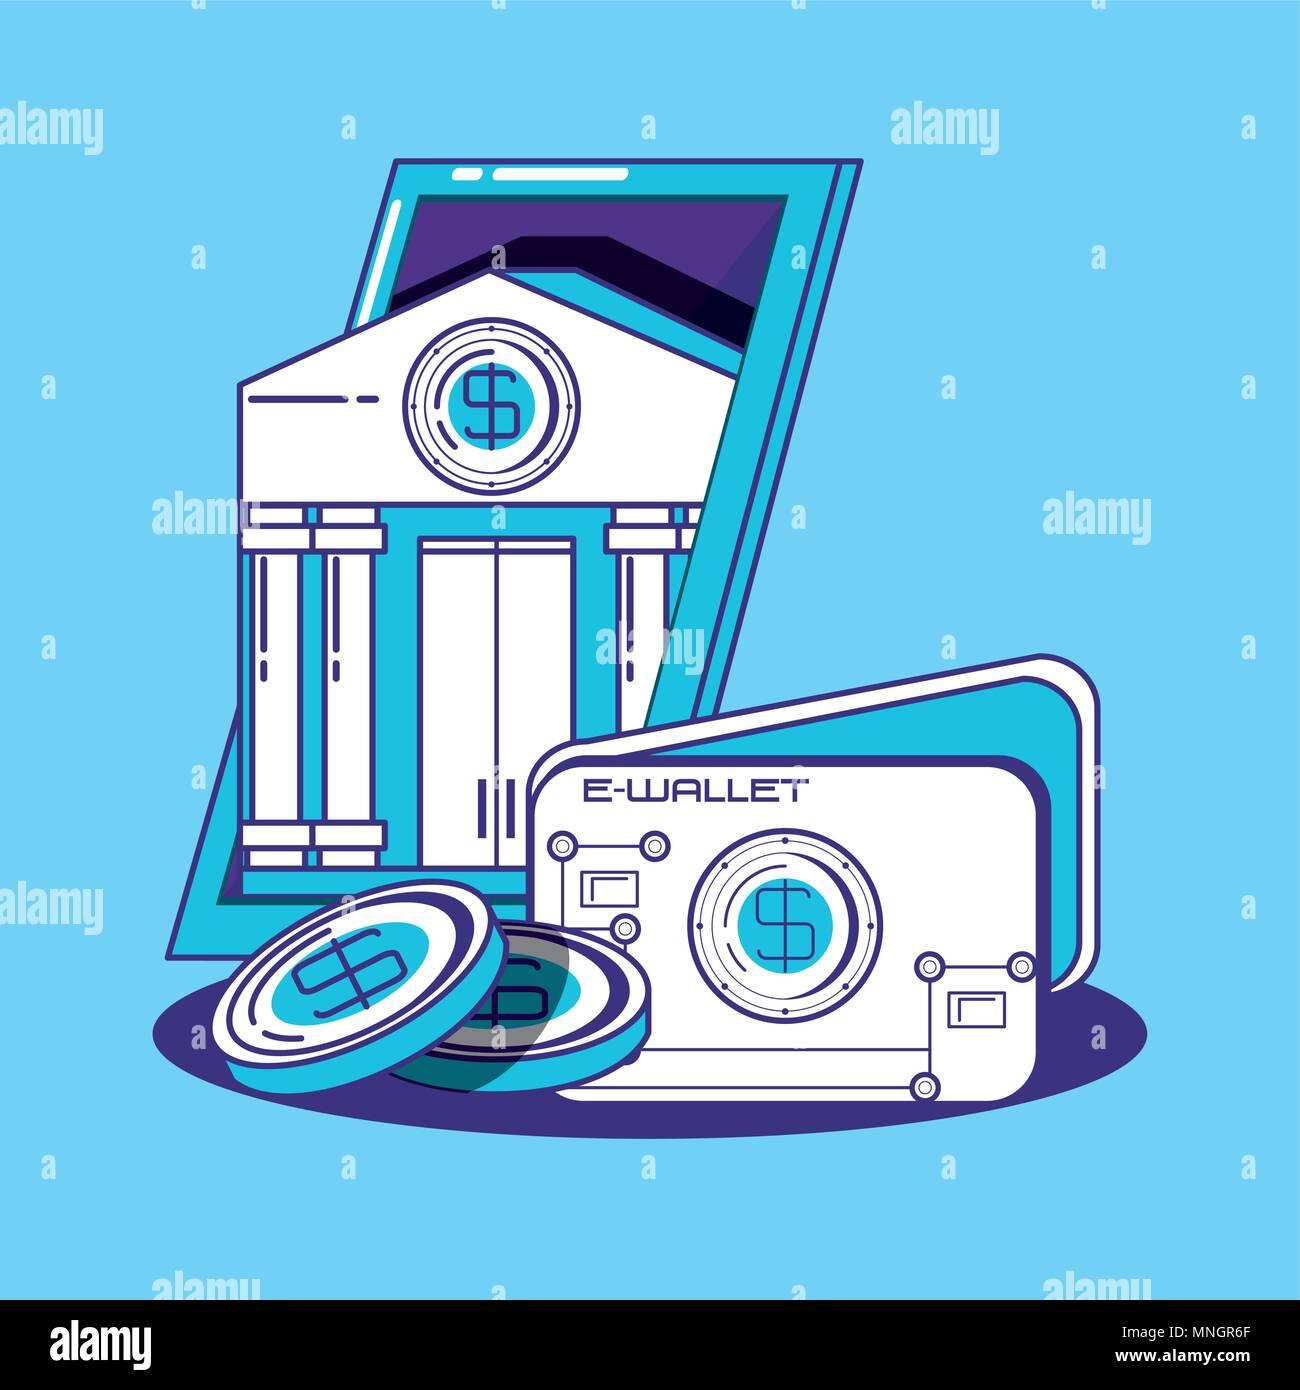 La conception de la technologie financière avec e-wallet et bank building sur fond bleu, design coloré. vector illustration Illustration de Vecteur